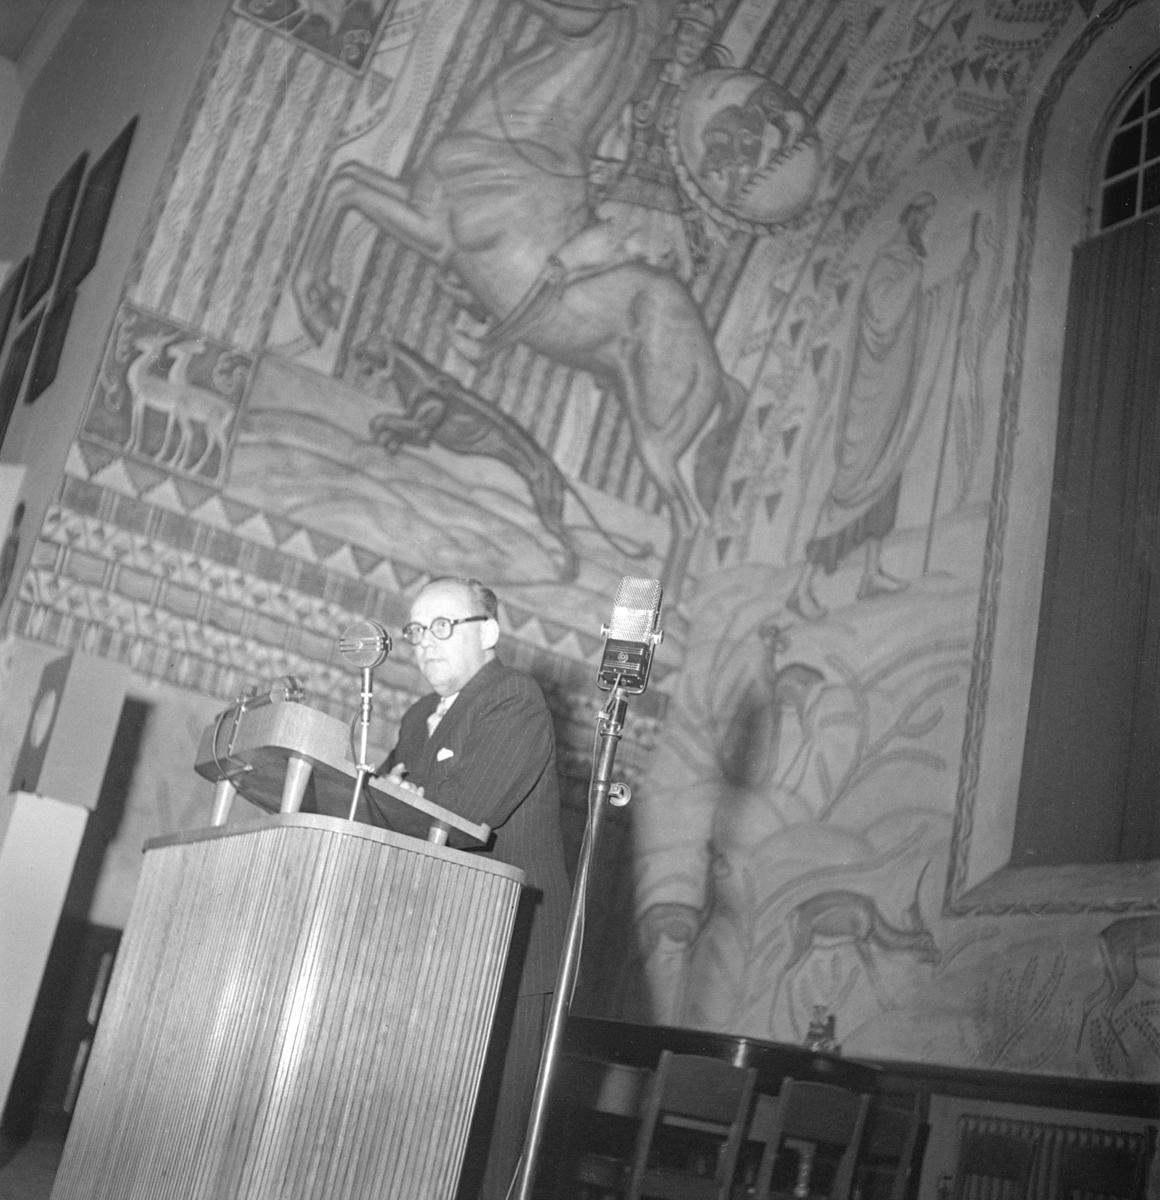 Musikvetaren och radiomannen Per Lindfors leder musikgissningstävling mellan städerna Linköping och Motala. Platsen är läroverkets aula. Tiden den 7 mars 1947.